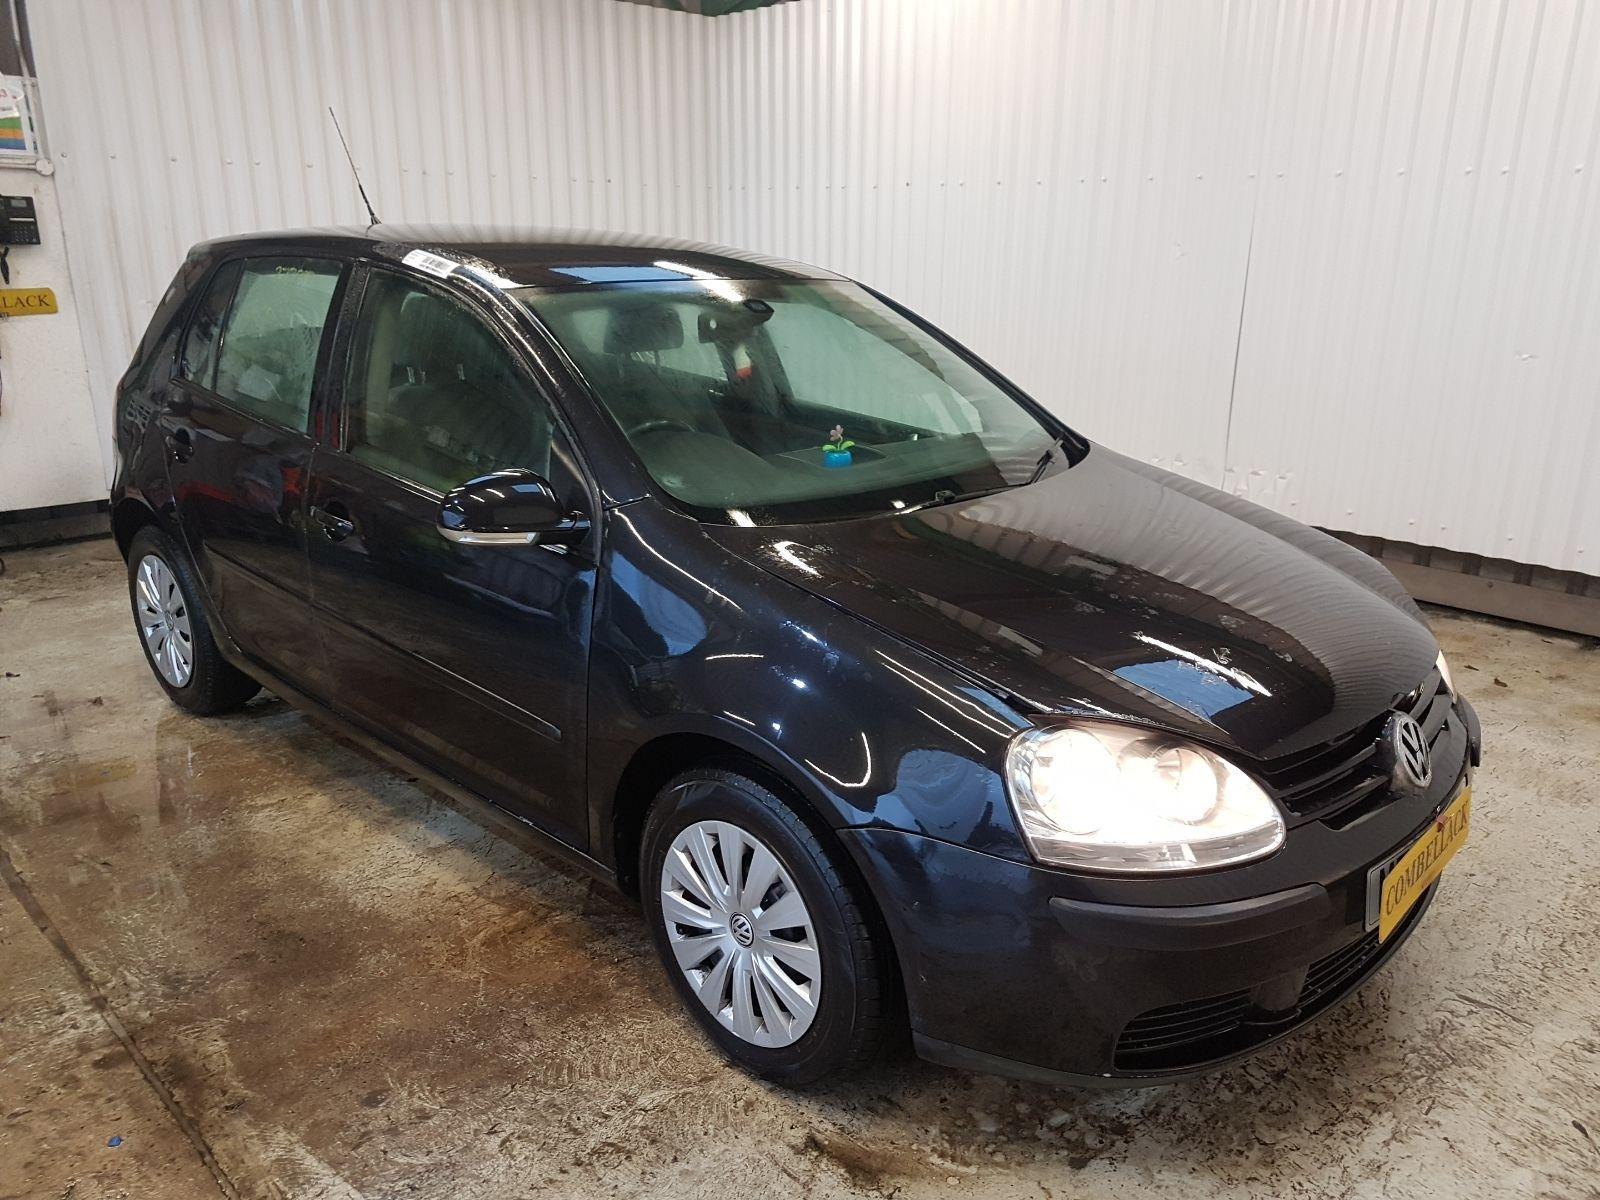 Volkswagen Golf (mk5) 2003 To 2009 Match 5 Door Hatchback